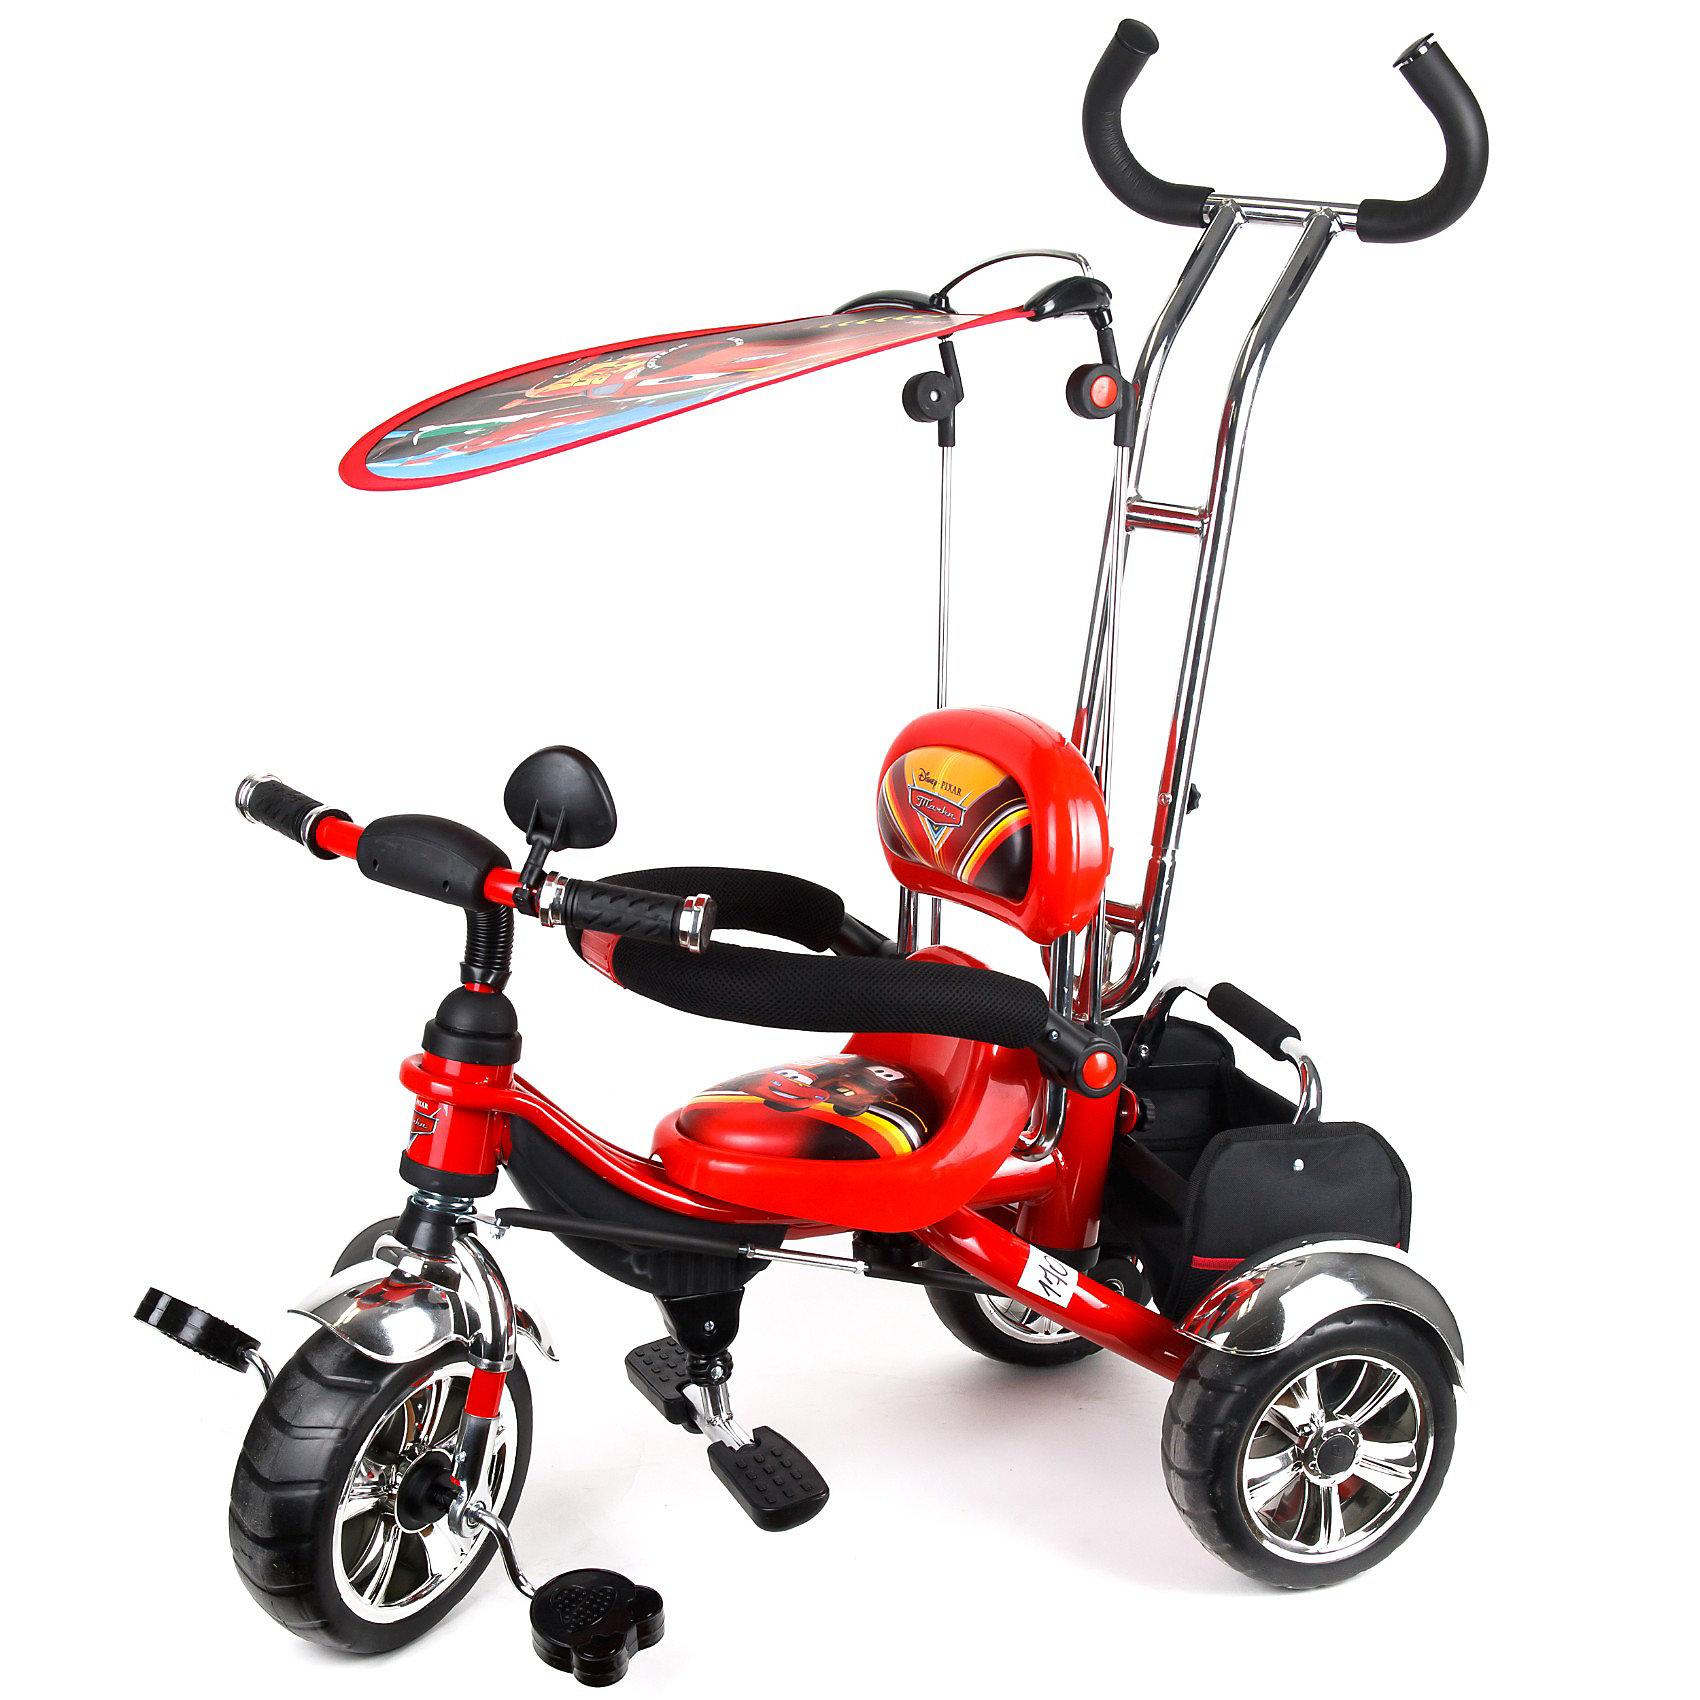 Трехколесный велосипед с ручкой, Тачки-2Тачки<br>Яркий, удобный и красивый детский трехколесный велосипед с тентом, подножкой, корзиной для игрушек и родительской ручкой.<br><br>Особенности модели:<br><br>- Надежная стальная рама, усиленная дополнительными ребрами жесткости.<br>- Широкие пластиковые колеса с шинами ПВХ.<br>- Удобное мягкое сиденье с высокой спинкой.<br>- Съемная дуга безопасности.<br>- Родительская ручка управления с регулируемой металлической тягой, позволяющей менять угол поворота переднего колеса.<br>- Складная подножка.<br>- Задняя корзина из плотной ткани на металлическом каркасе с удобной ручкой.<br>- Тент от солнца и дождя из ткани со специальной пропиткой.<br>-Все элементы из ткани легко снимаются для стирки.<br><br>Дополнительная информация:<br><br>- Материалы: рама- сталь, шины-ПВХ, тент и корзина - текстиль.<br>- Цвет: красный, принт-Тачки (Cars).<br>-Размеры велосипеда: высота 90см., длина (вид сбоку) 85см.<br>- Вес: ок. 11 кг.<br><br>Ширина мм: 500<br>Глубина мм: 900<br>Высота мм: 1000<br>Вес г: 11000<br>Возраст от месяцев: 12<br>Возраст до месяцев: 36<br>Пол: Мужской<br>Возраст: Детский<br>SKU: 3156365